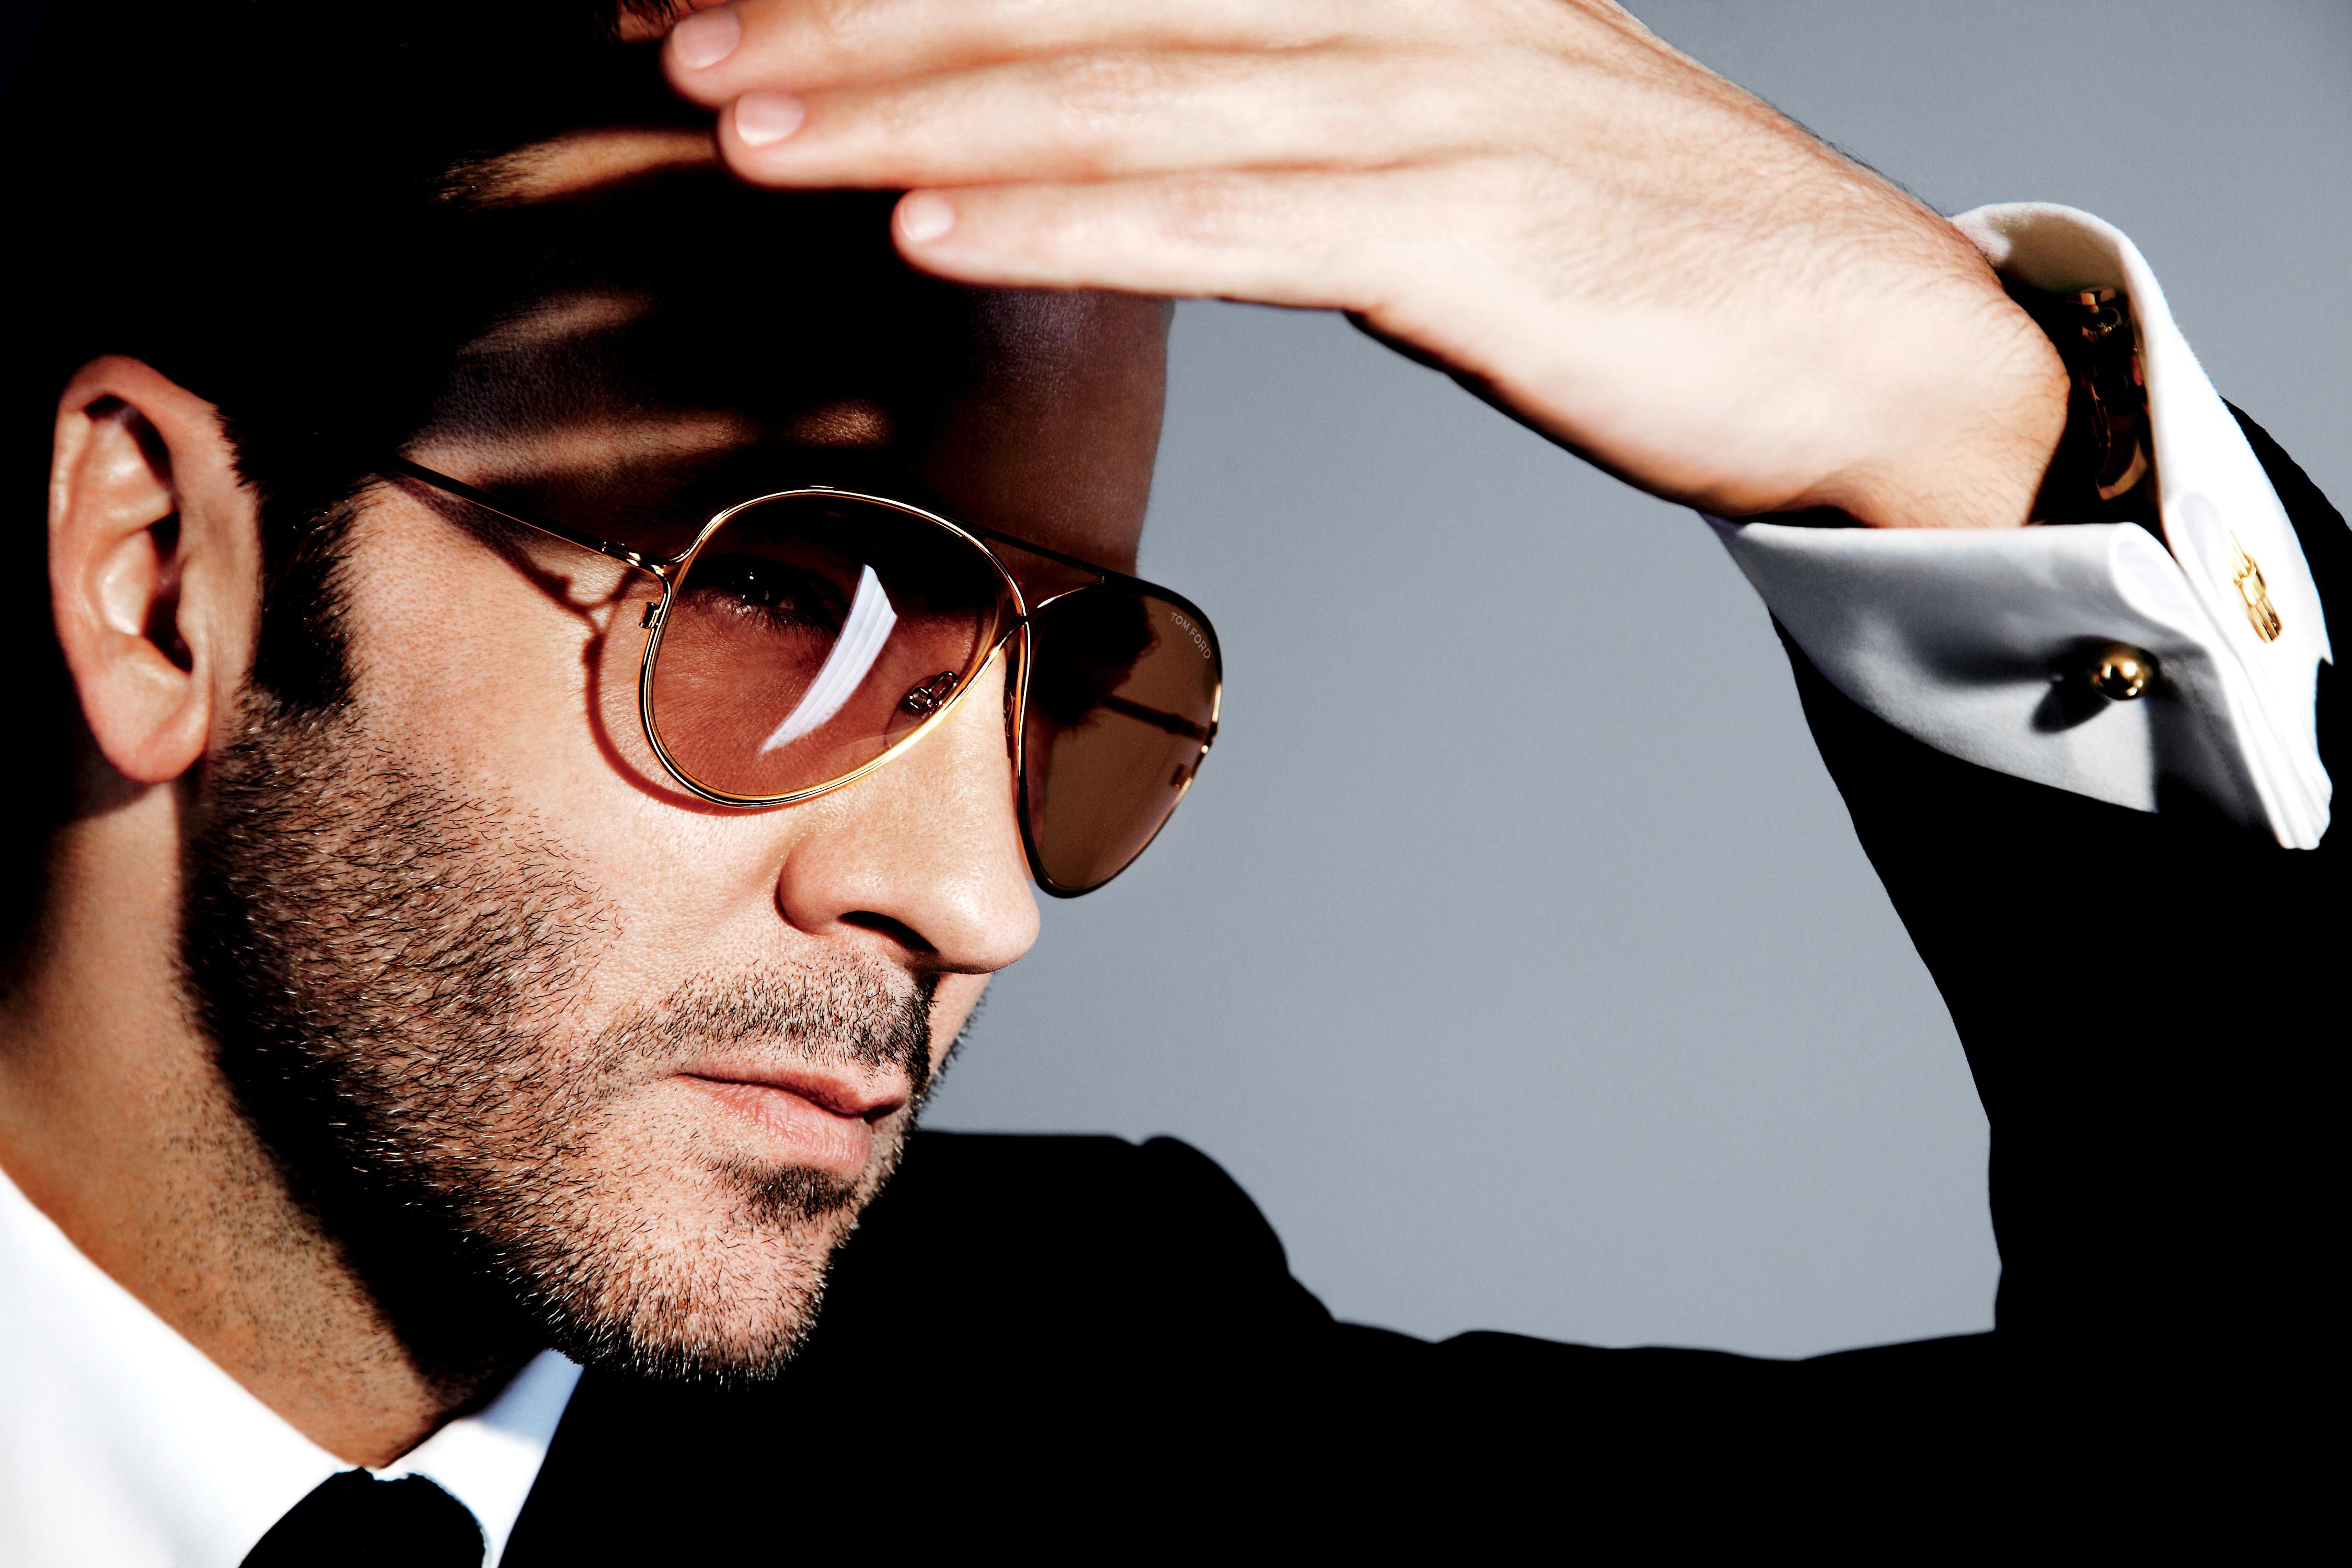 c1536bbce4 Tom Ford lanza la nueva TOM FORD Private Eyewear Collection, una edición  especial de gafas de sol y de vista diseñadas para los expertos en gafas.